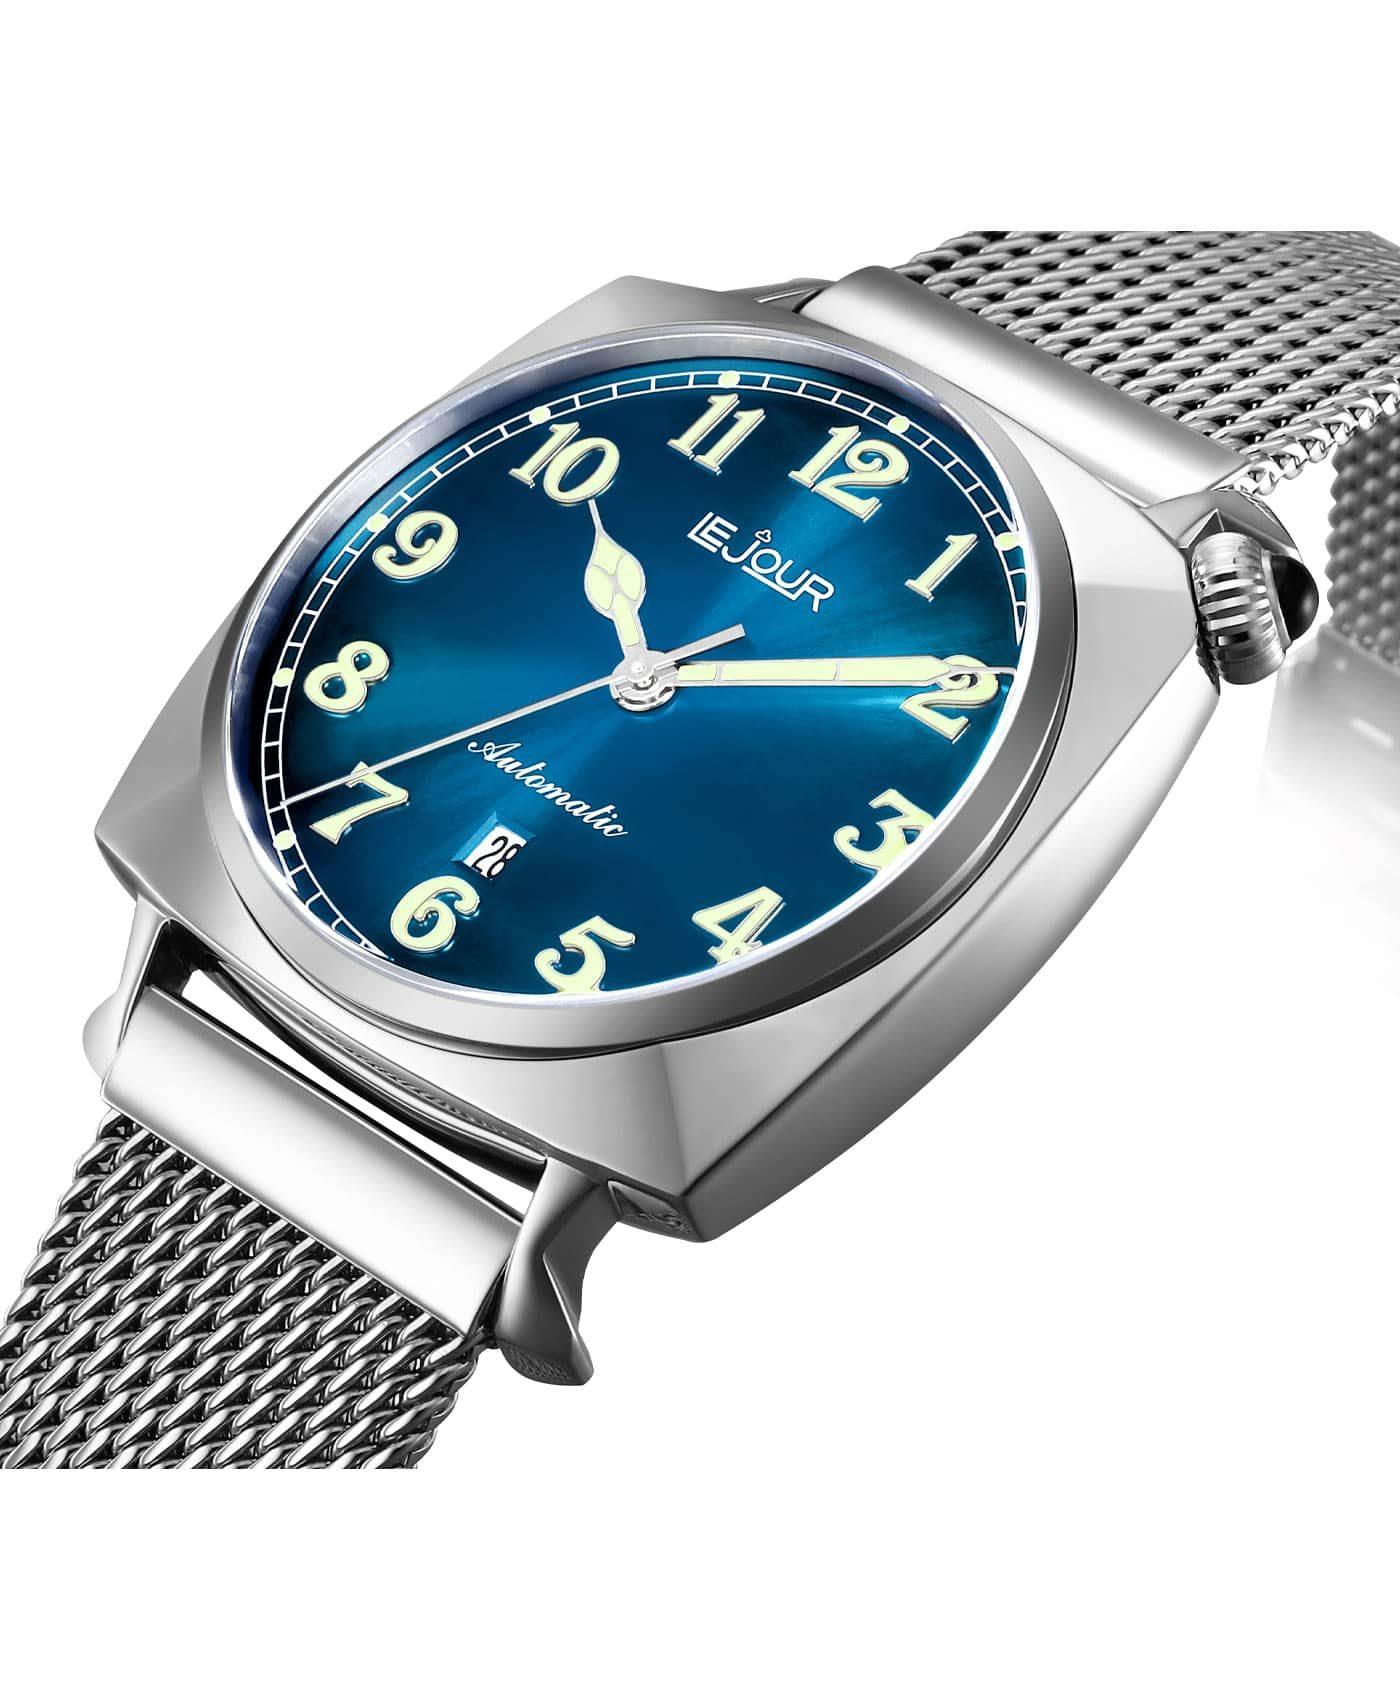 LJ-HR-002 blue sunray dial Side